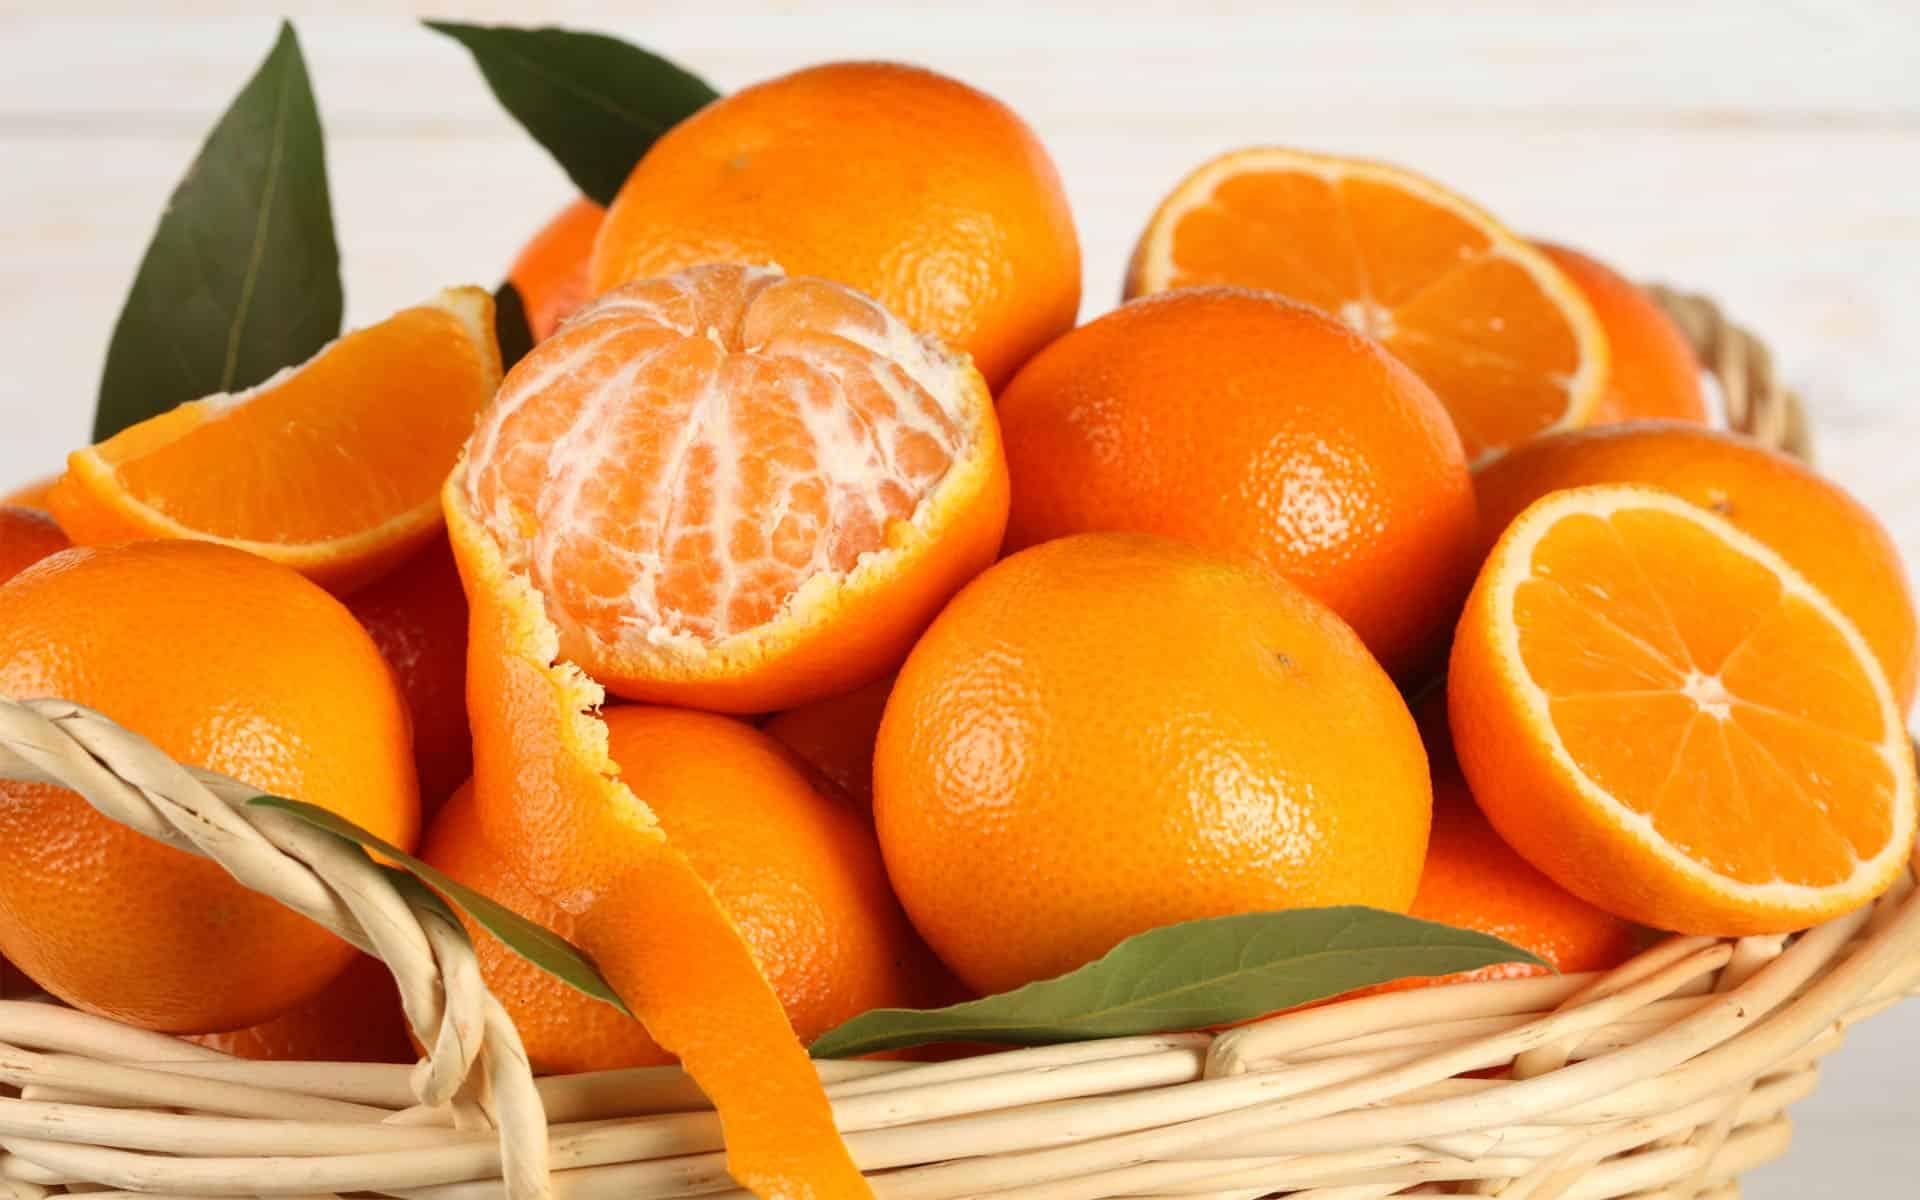 استخدامات قشور البرتقال